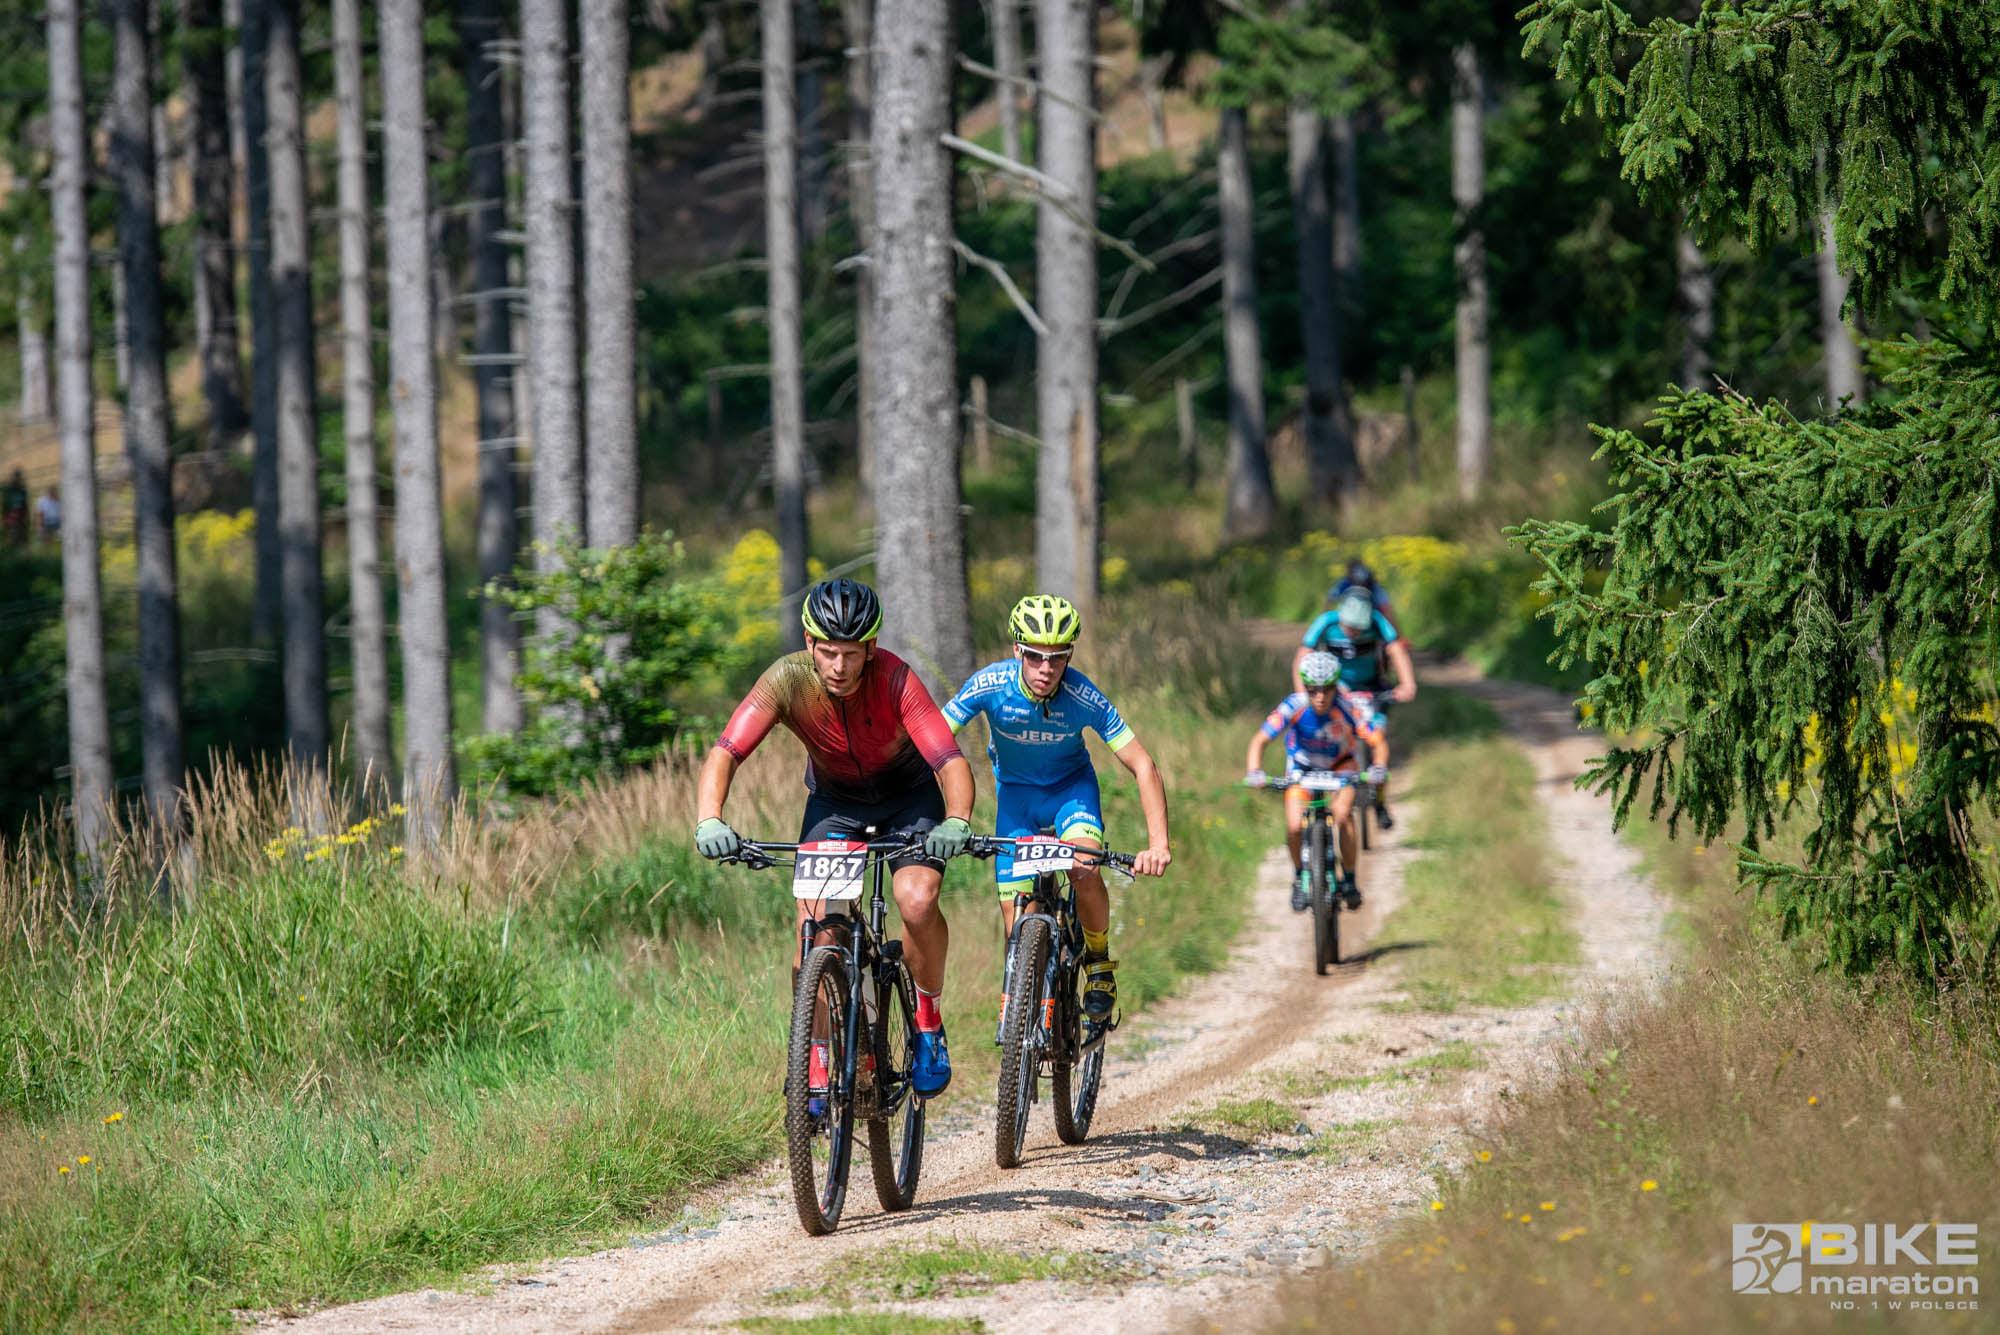 Srebrna Góra: MTB Bike Maraton już w sobotę - utrudnienia w ruchu - Zdjęcie główne